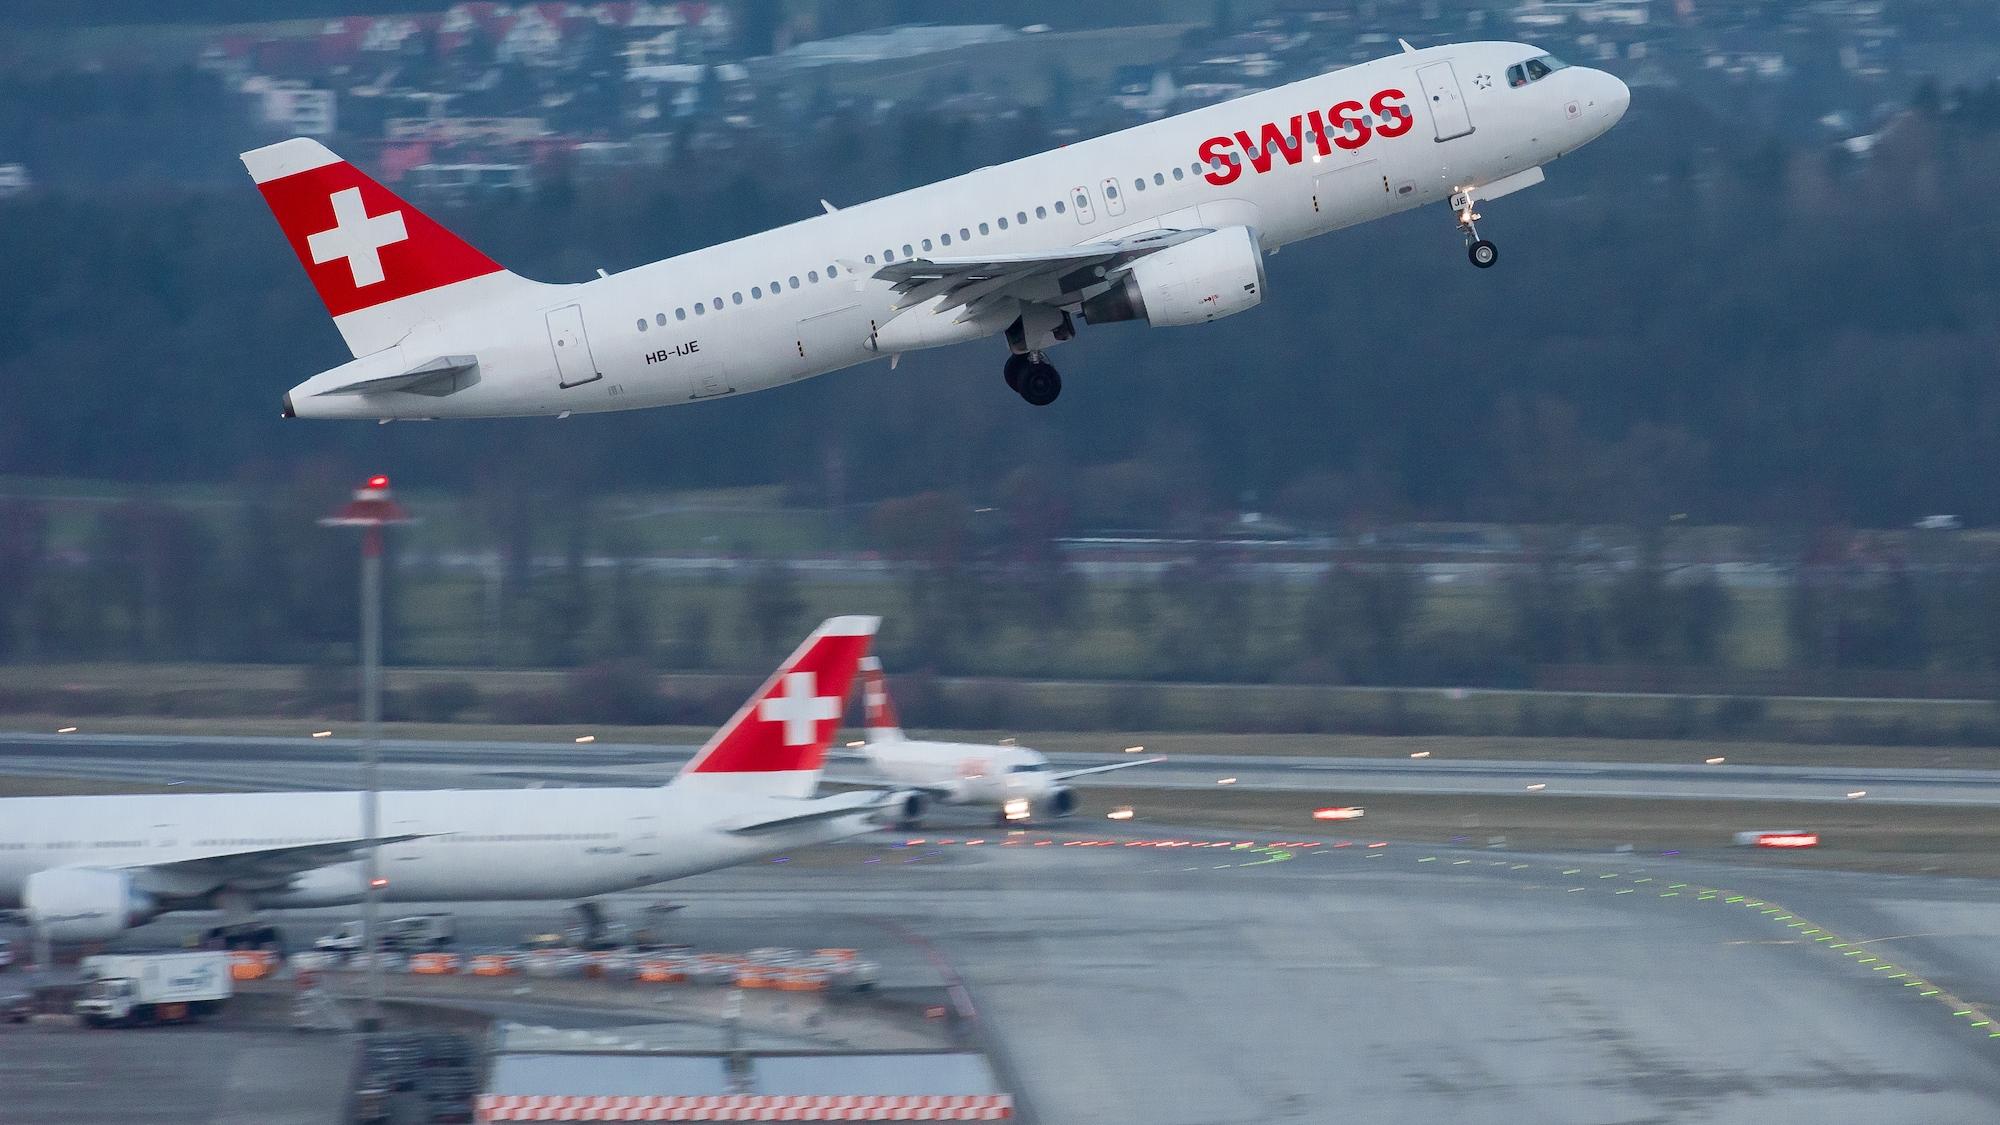 Kochen auf unter zwei Quadratmetern: Swiss-Personal kritisiert Platzverhältnisse im A320 Neo